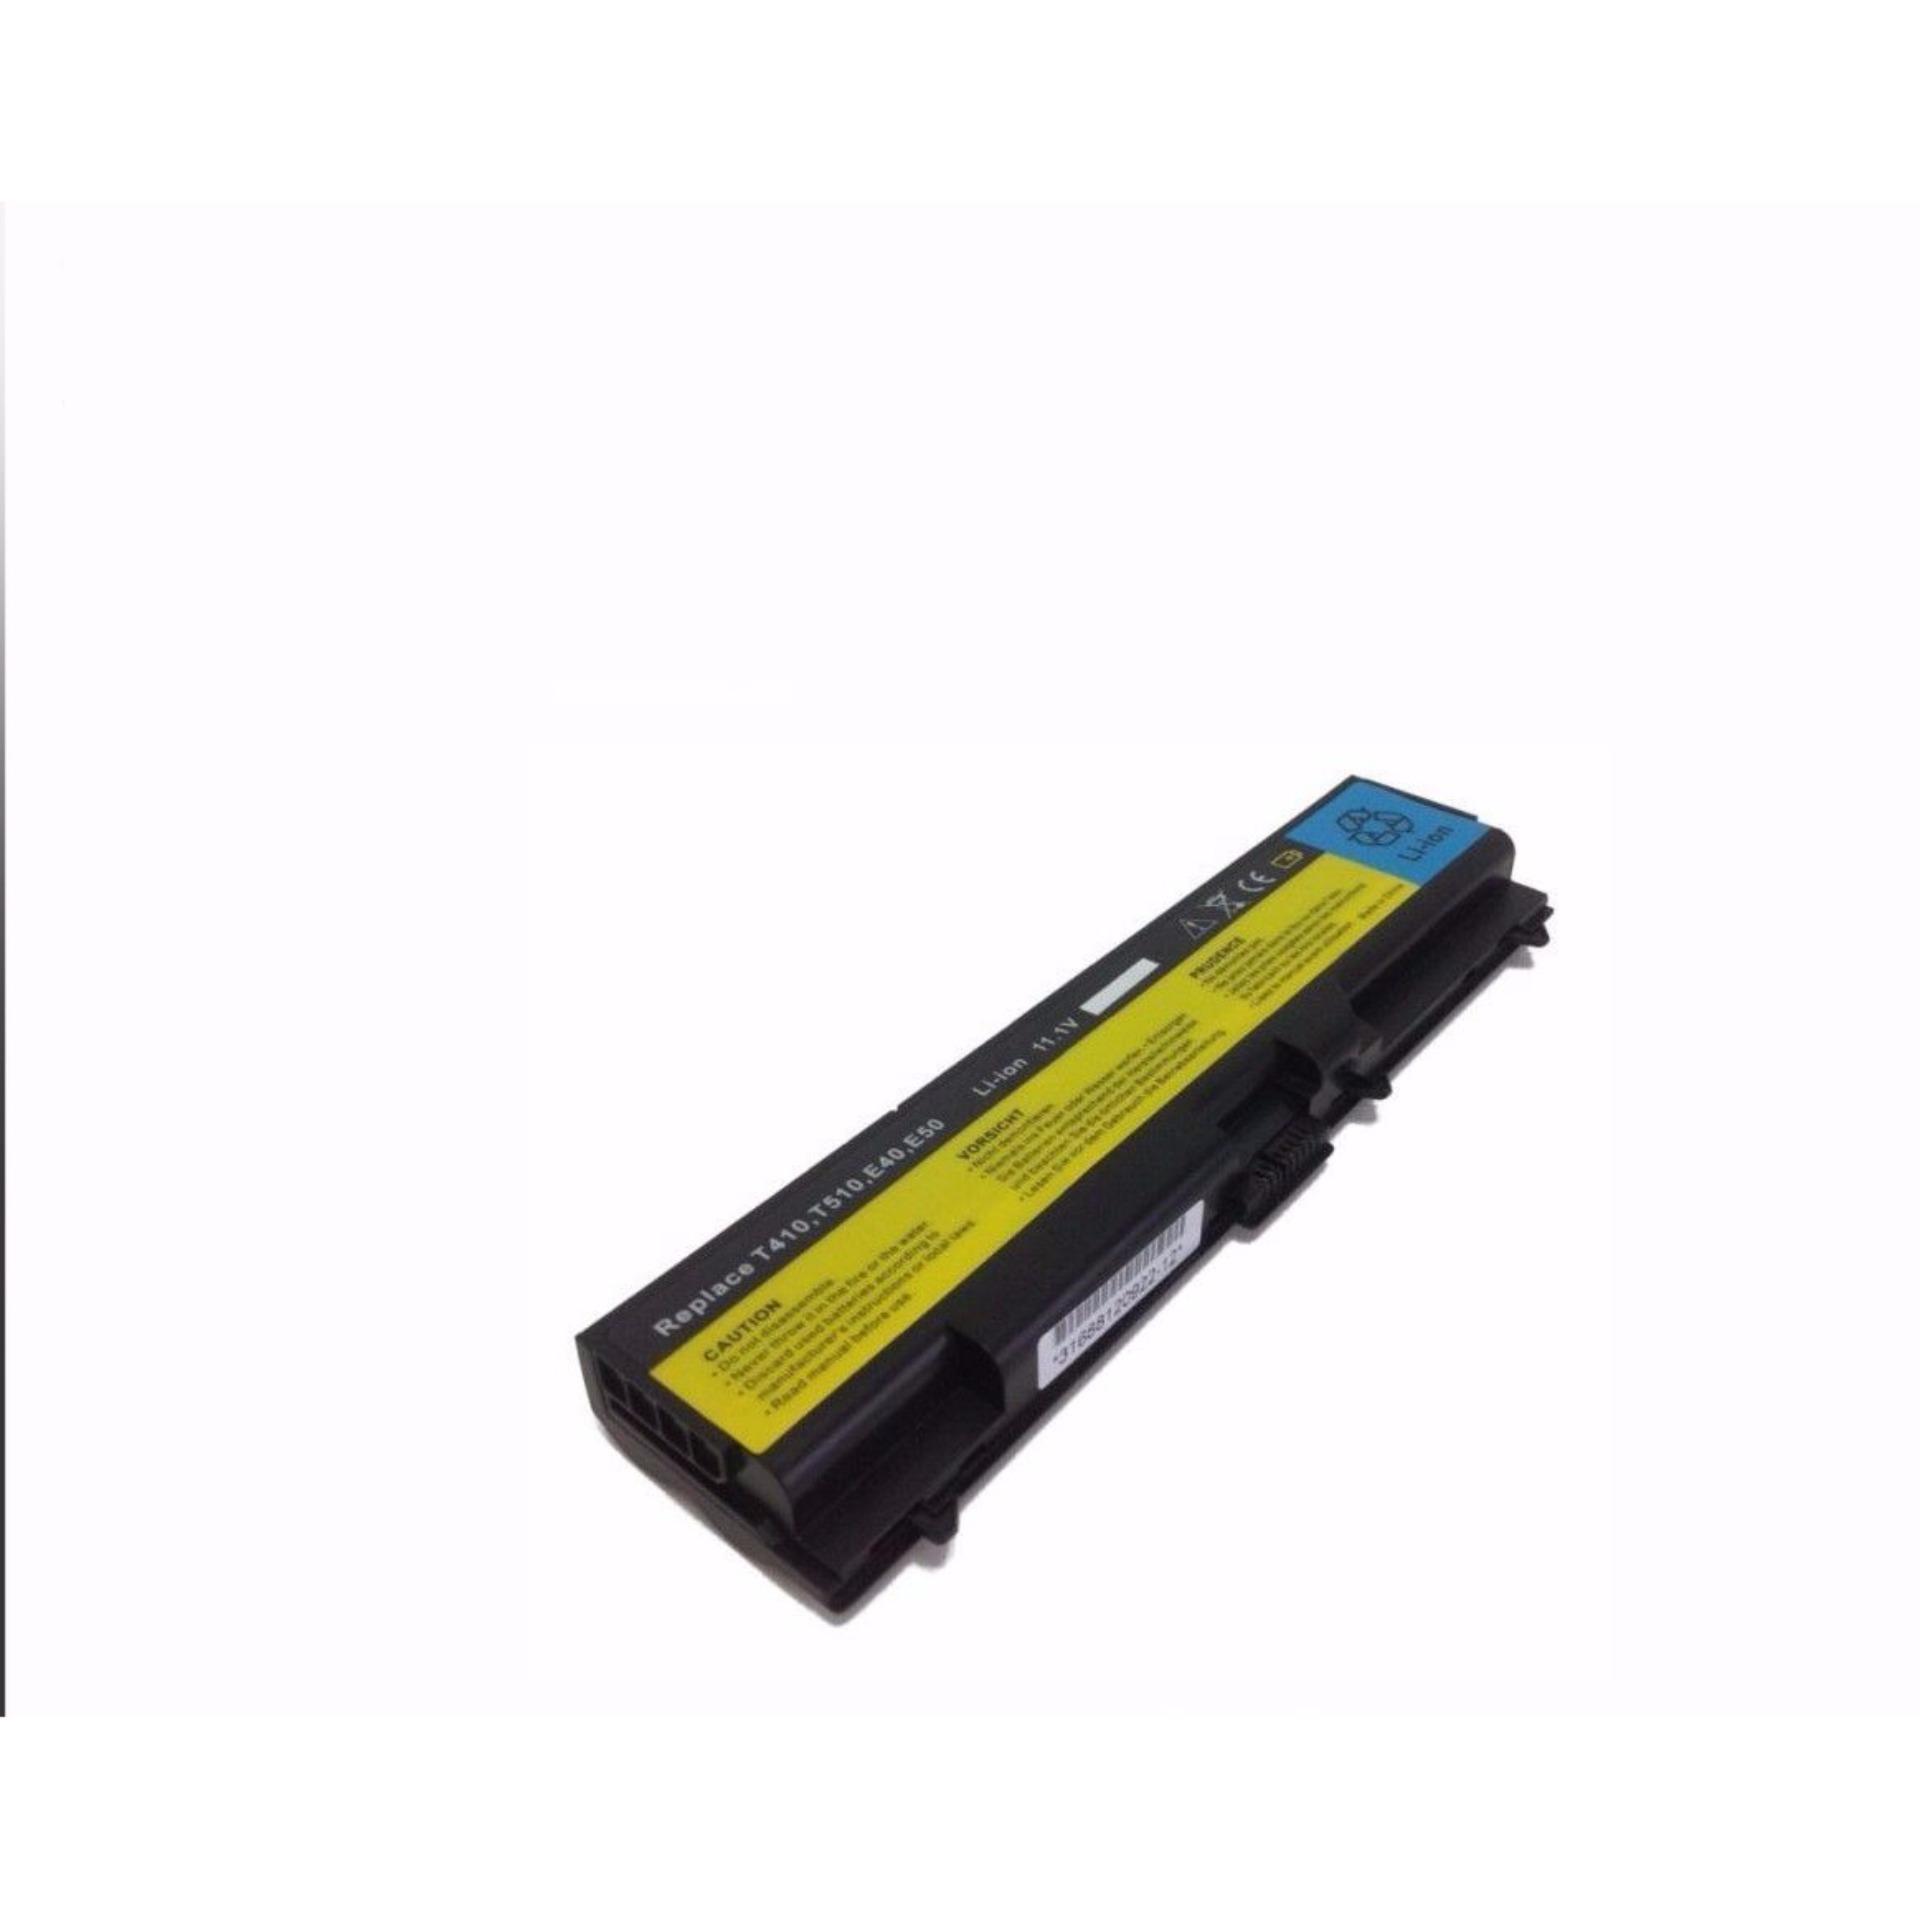 Pin IBMLenovo Thinkpad E50-T410-T420-T510-T520-W510-W520-SL410-SL510